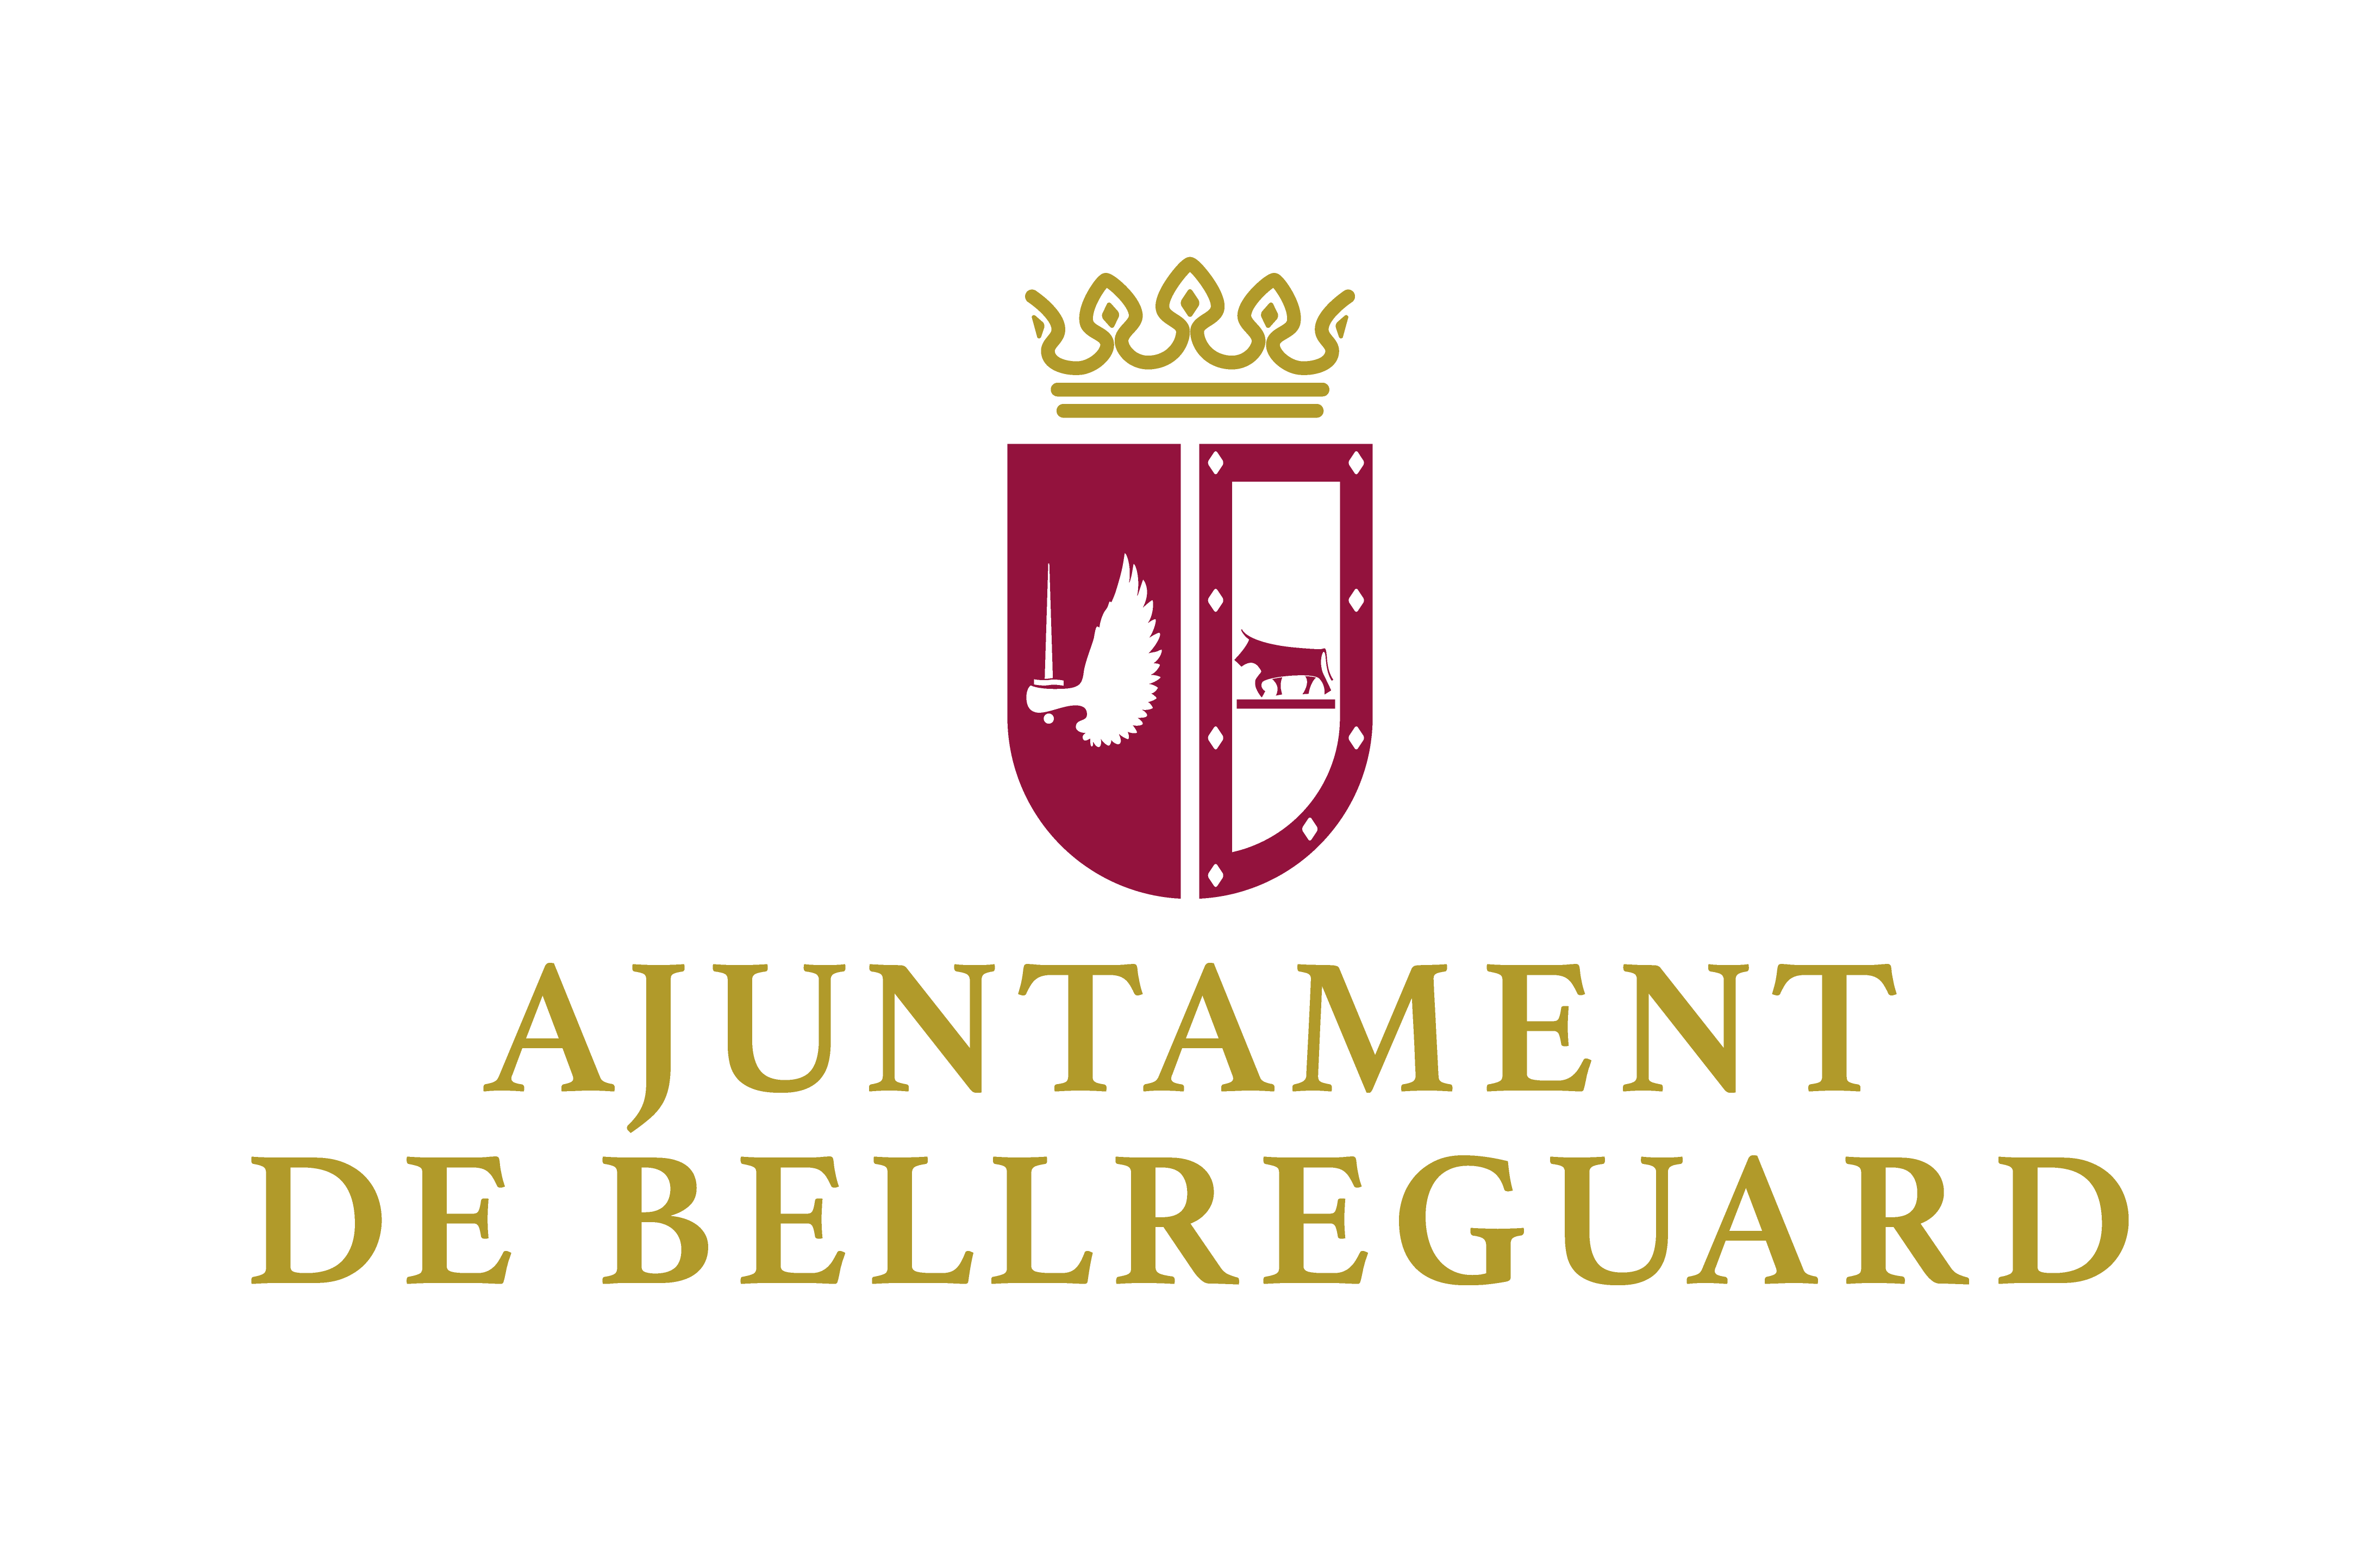 Ayuntamiento de Bellreguard